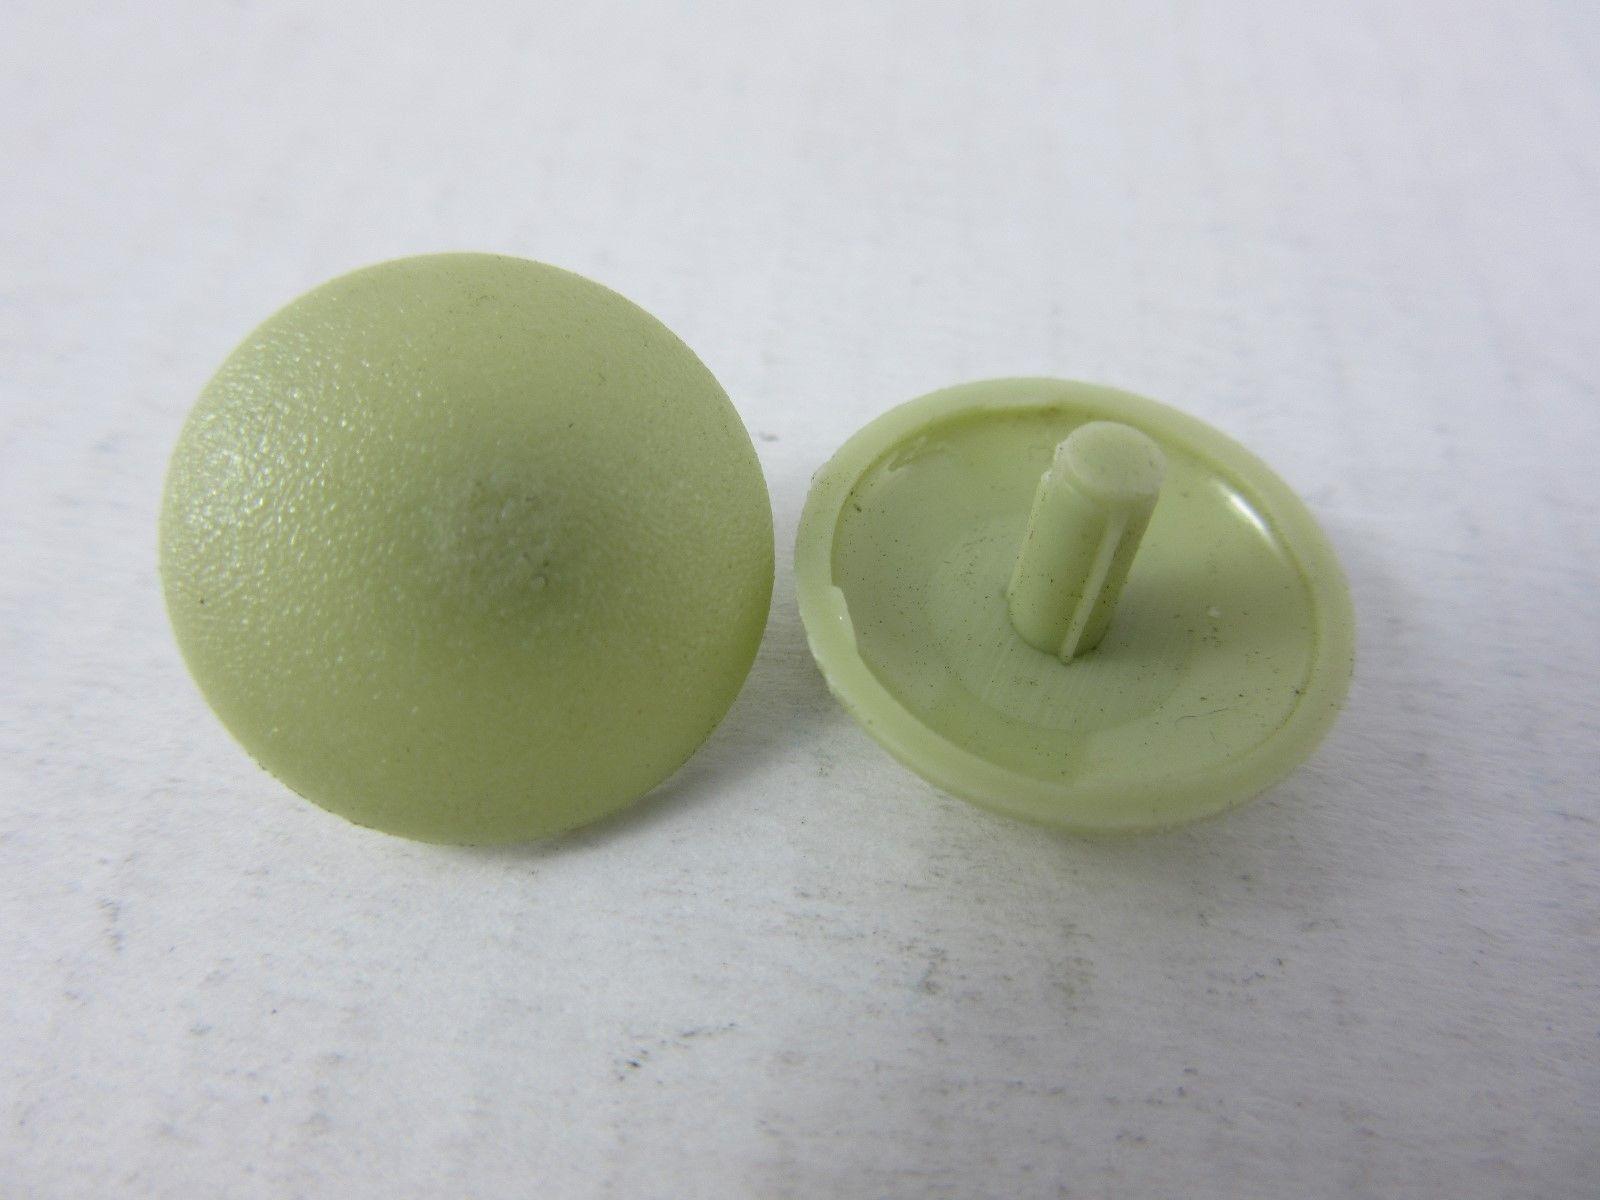 100 Stück Abdeckkappen für Großkopfnieten Olivgelb 15 x 3 x 5 mm